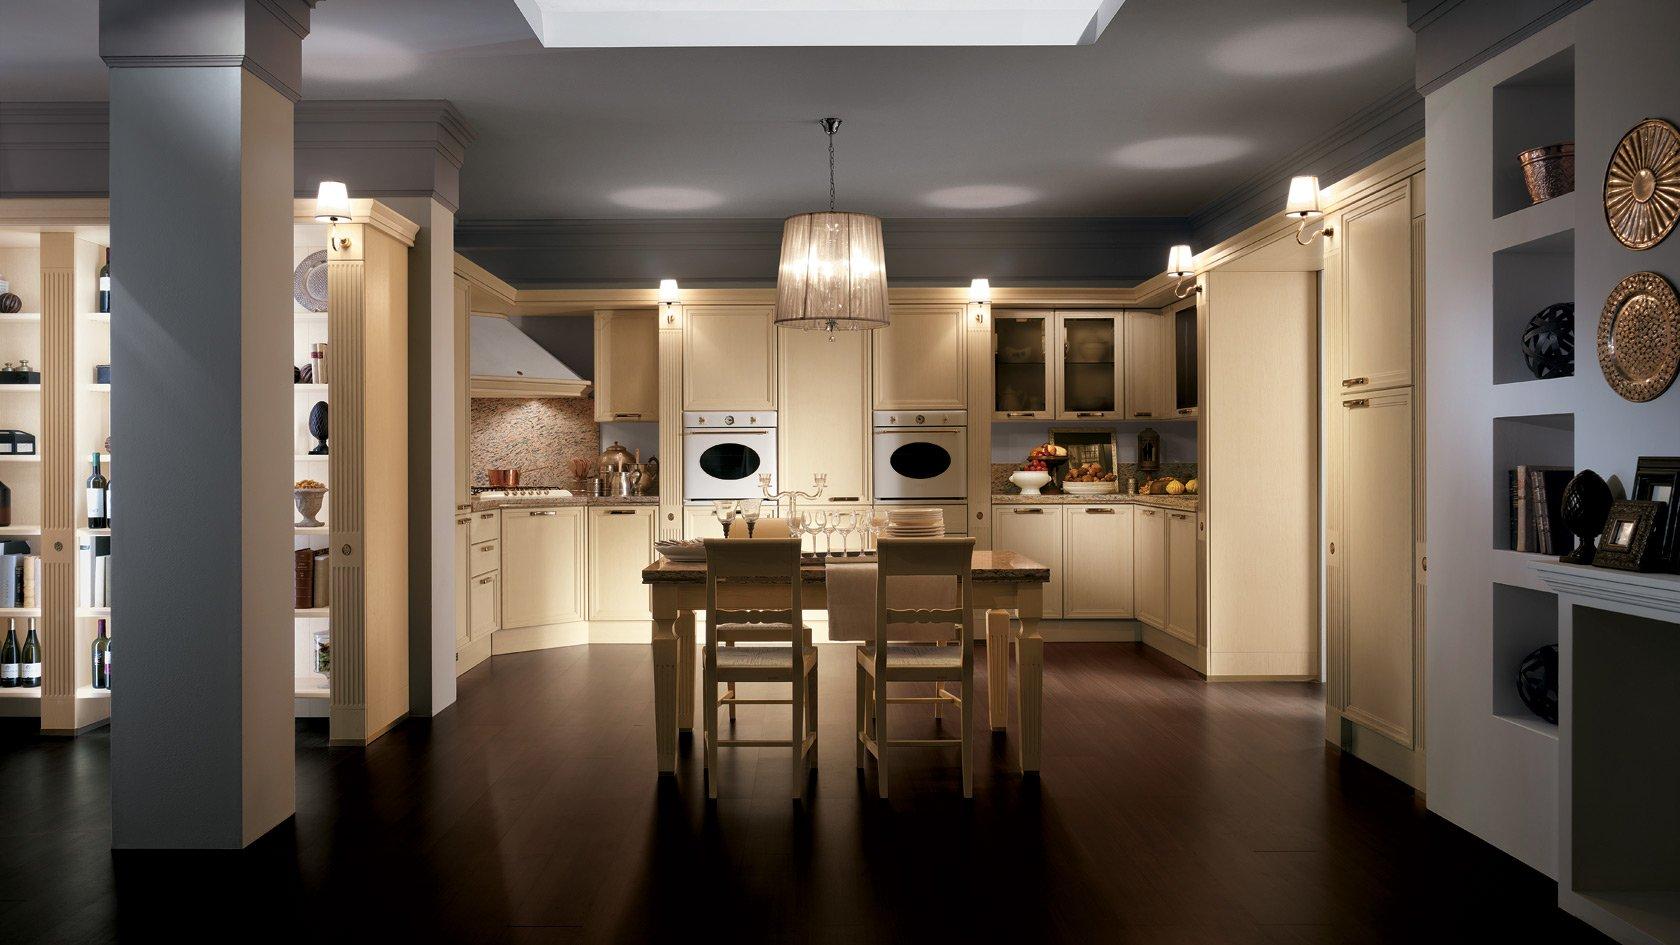 GRAND RELAIS cucine Salerno e mobili Battipaglia